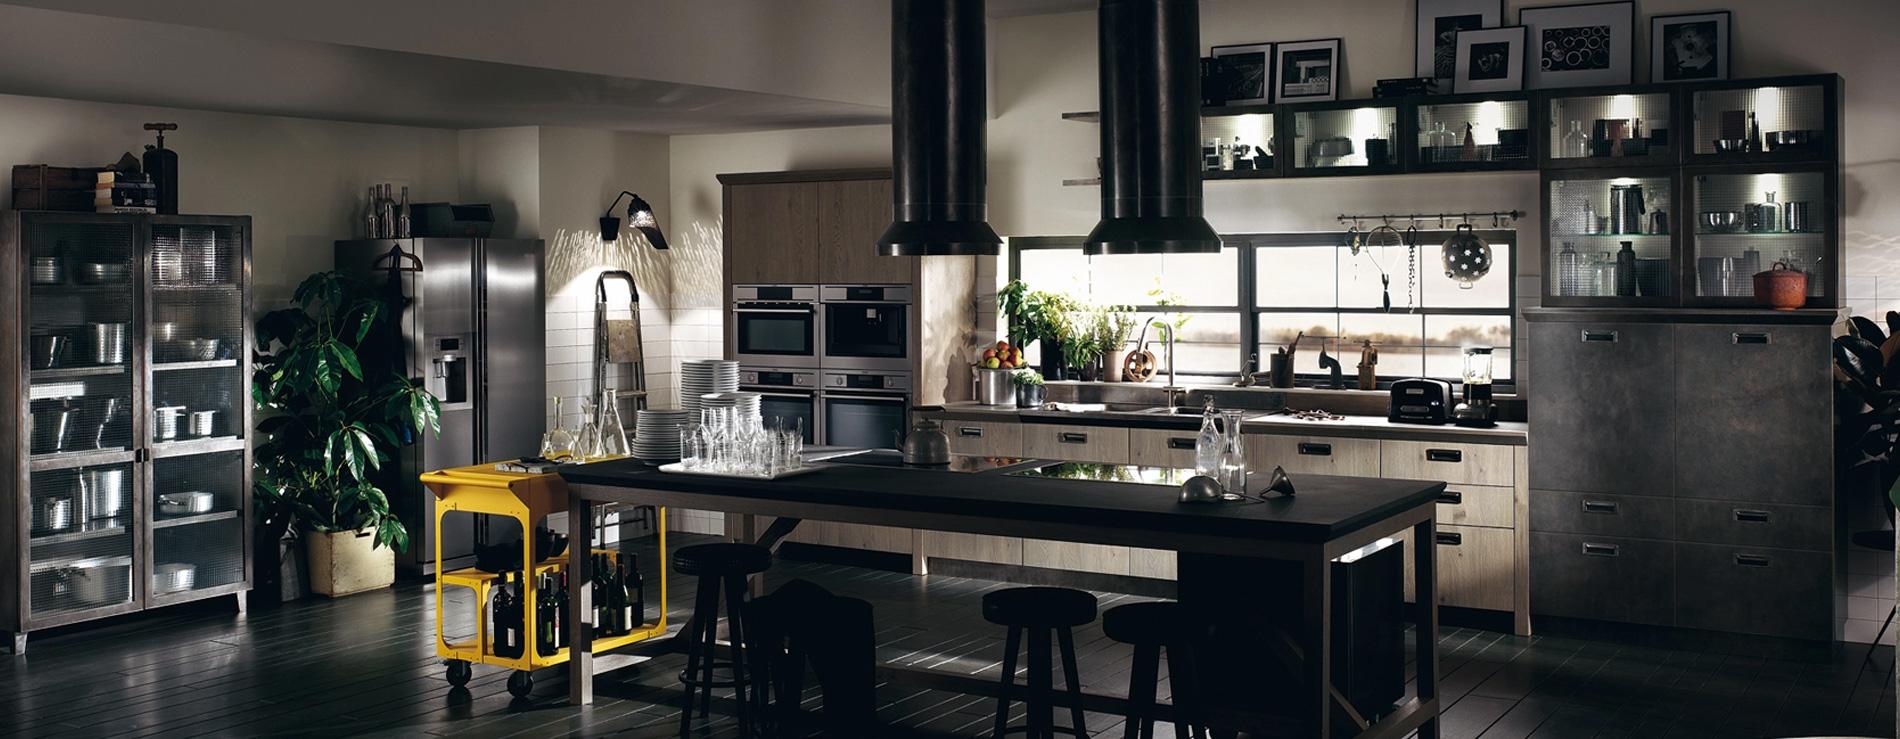 Diesel Social Kitchen | Scavolini